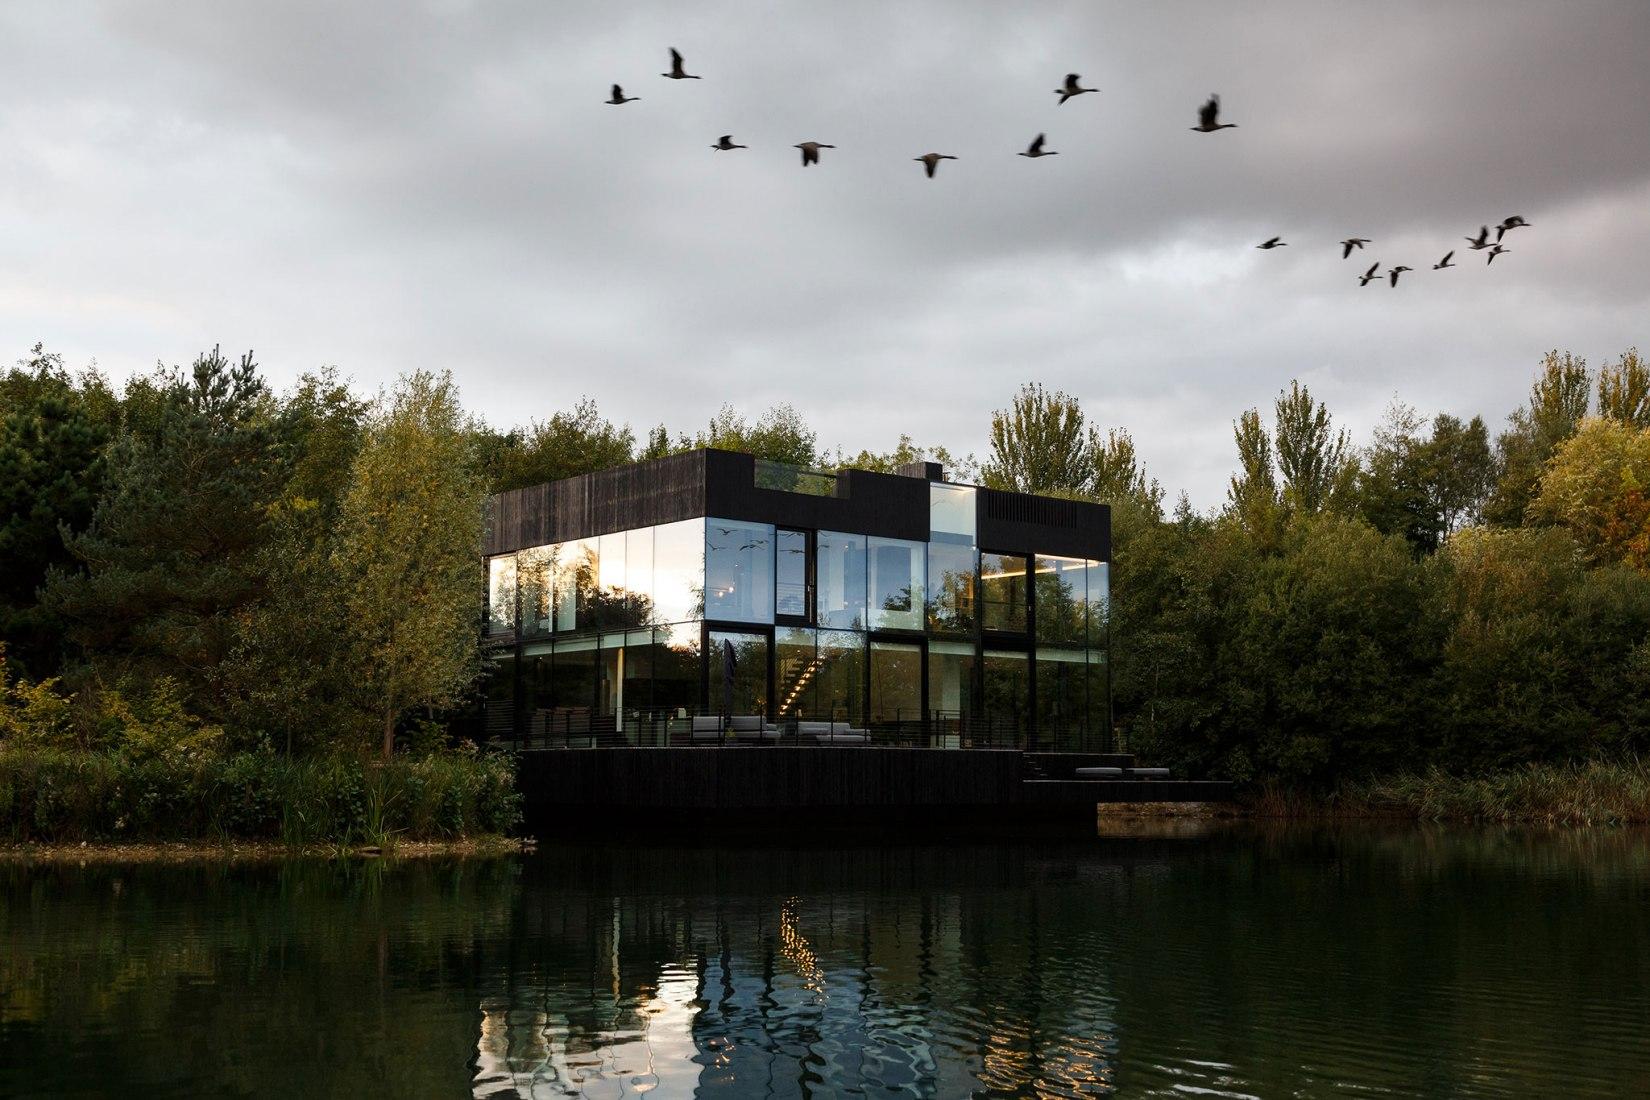 Glass Villa en el lago de Lechlade por Mecanoo architecten. Fotografía por mariashot.photo